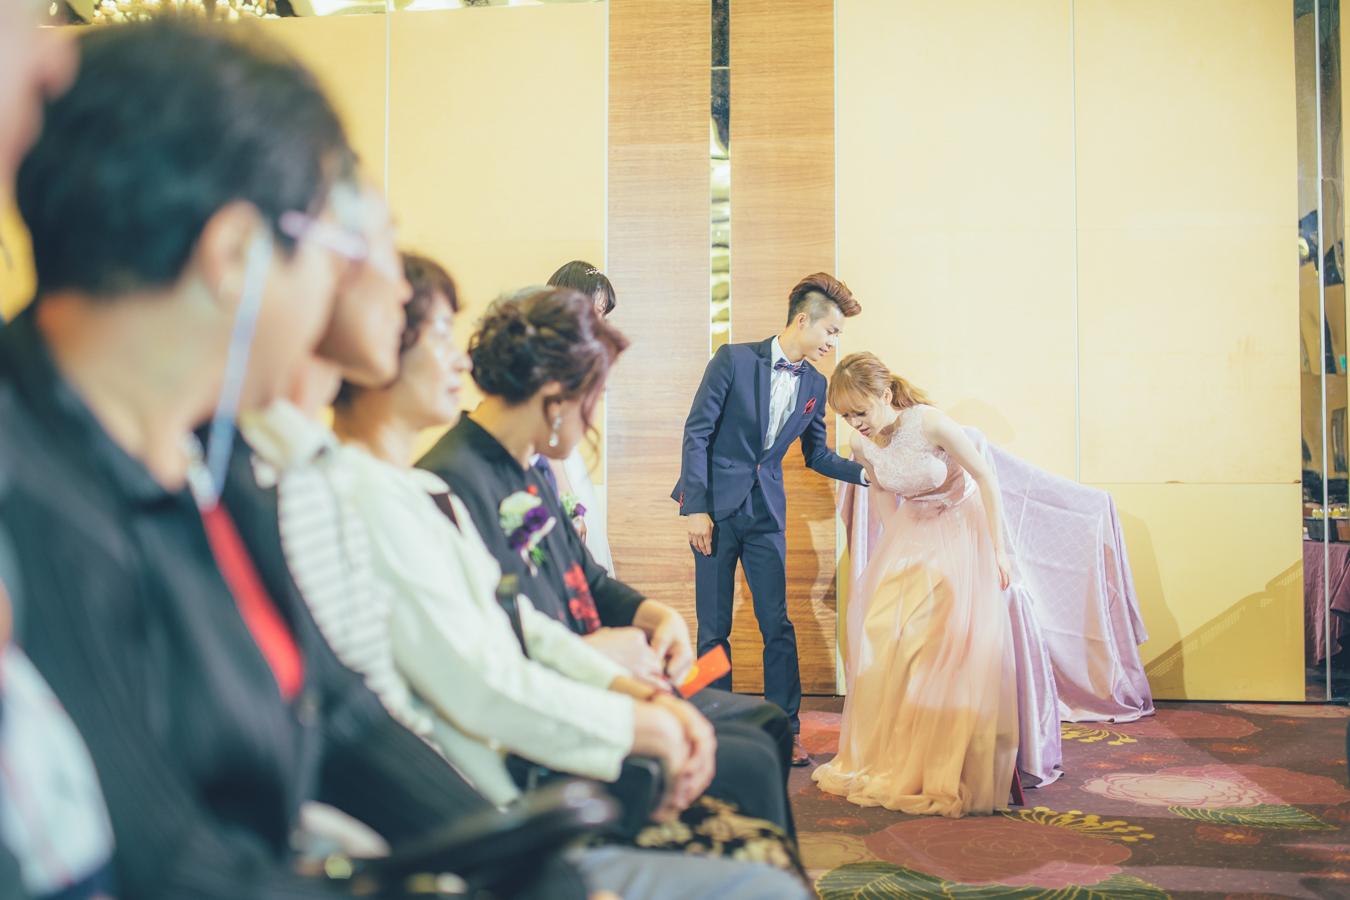 婚禮紀錄 七囍studio 柏豪 & 安琪 結婚紀錄